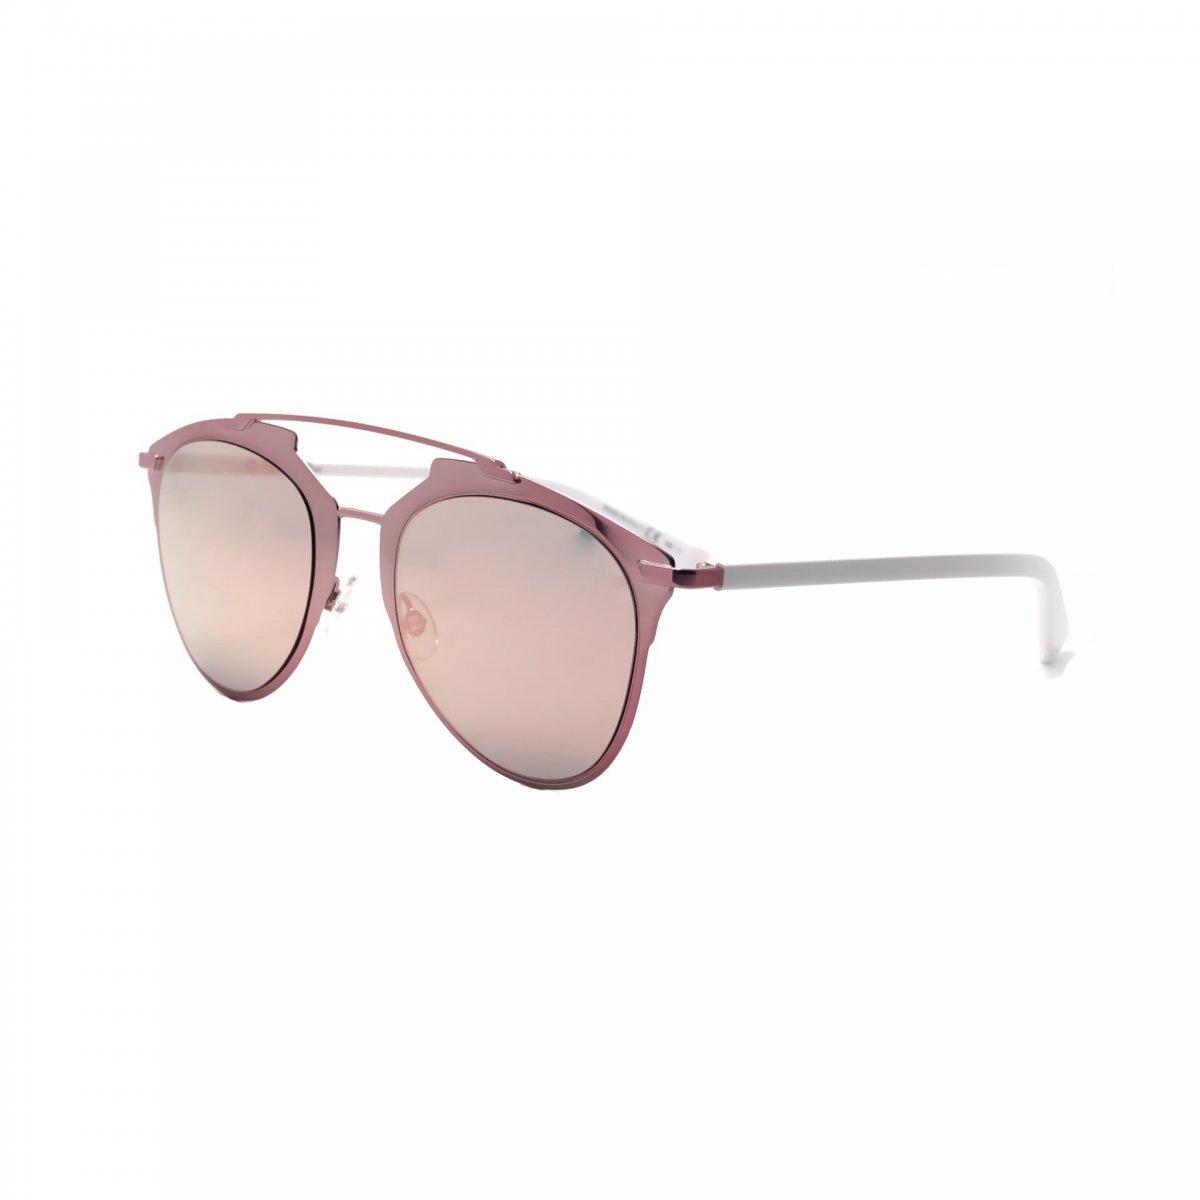 cab1ff567f5c4 Compre Óculos de Sol Dior Reflected em 10X   Tri-Jóia Shop